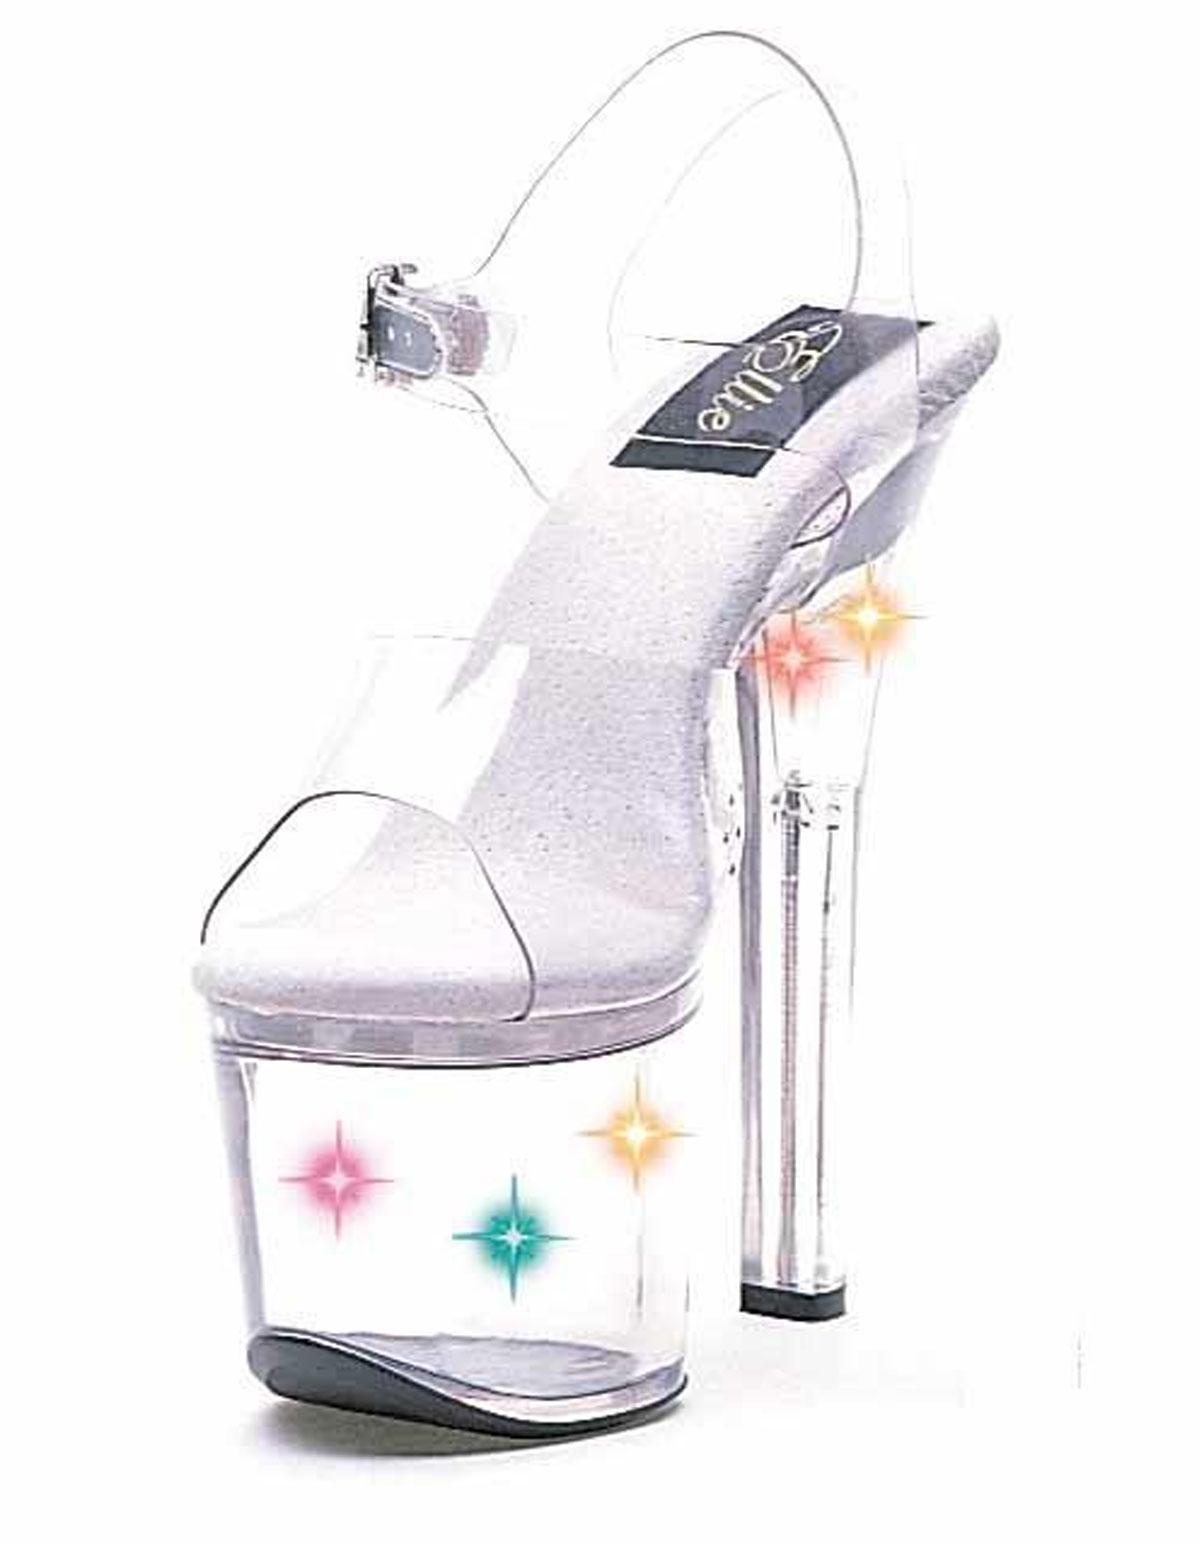 Flirt Light-Up Shoe